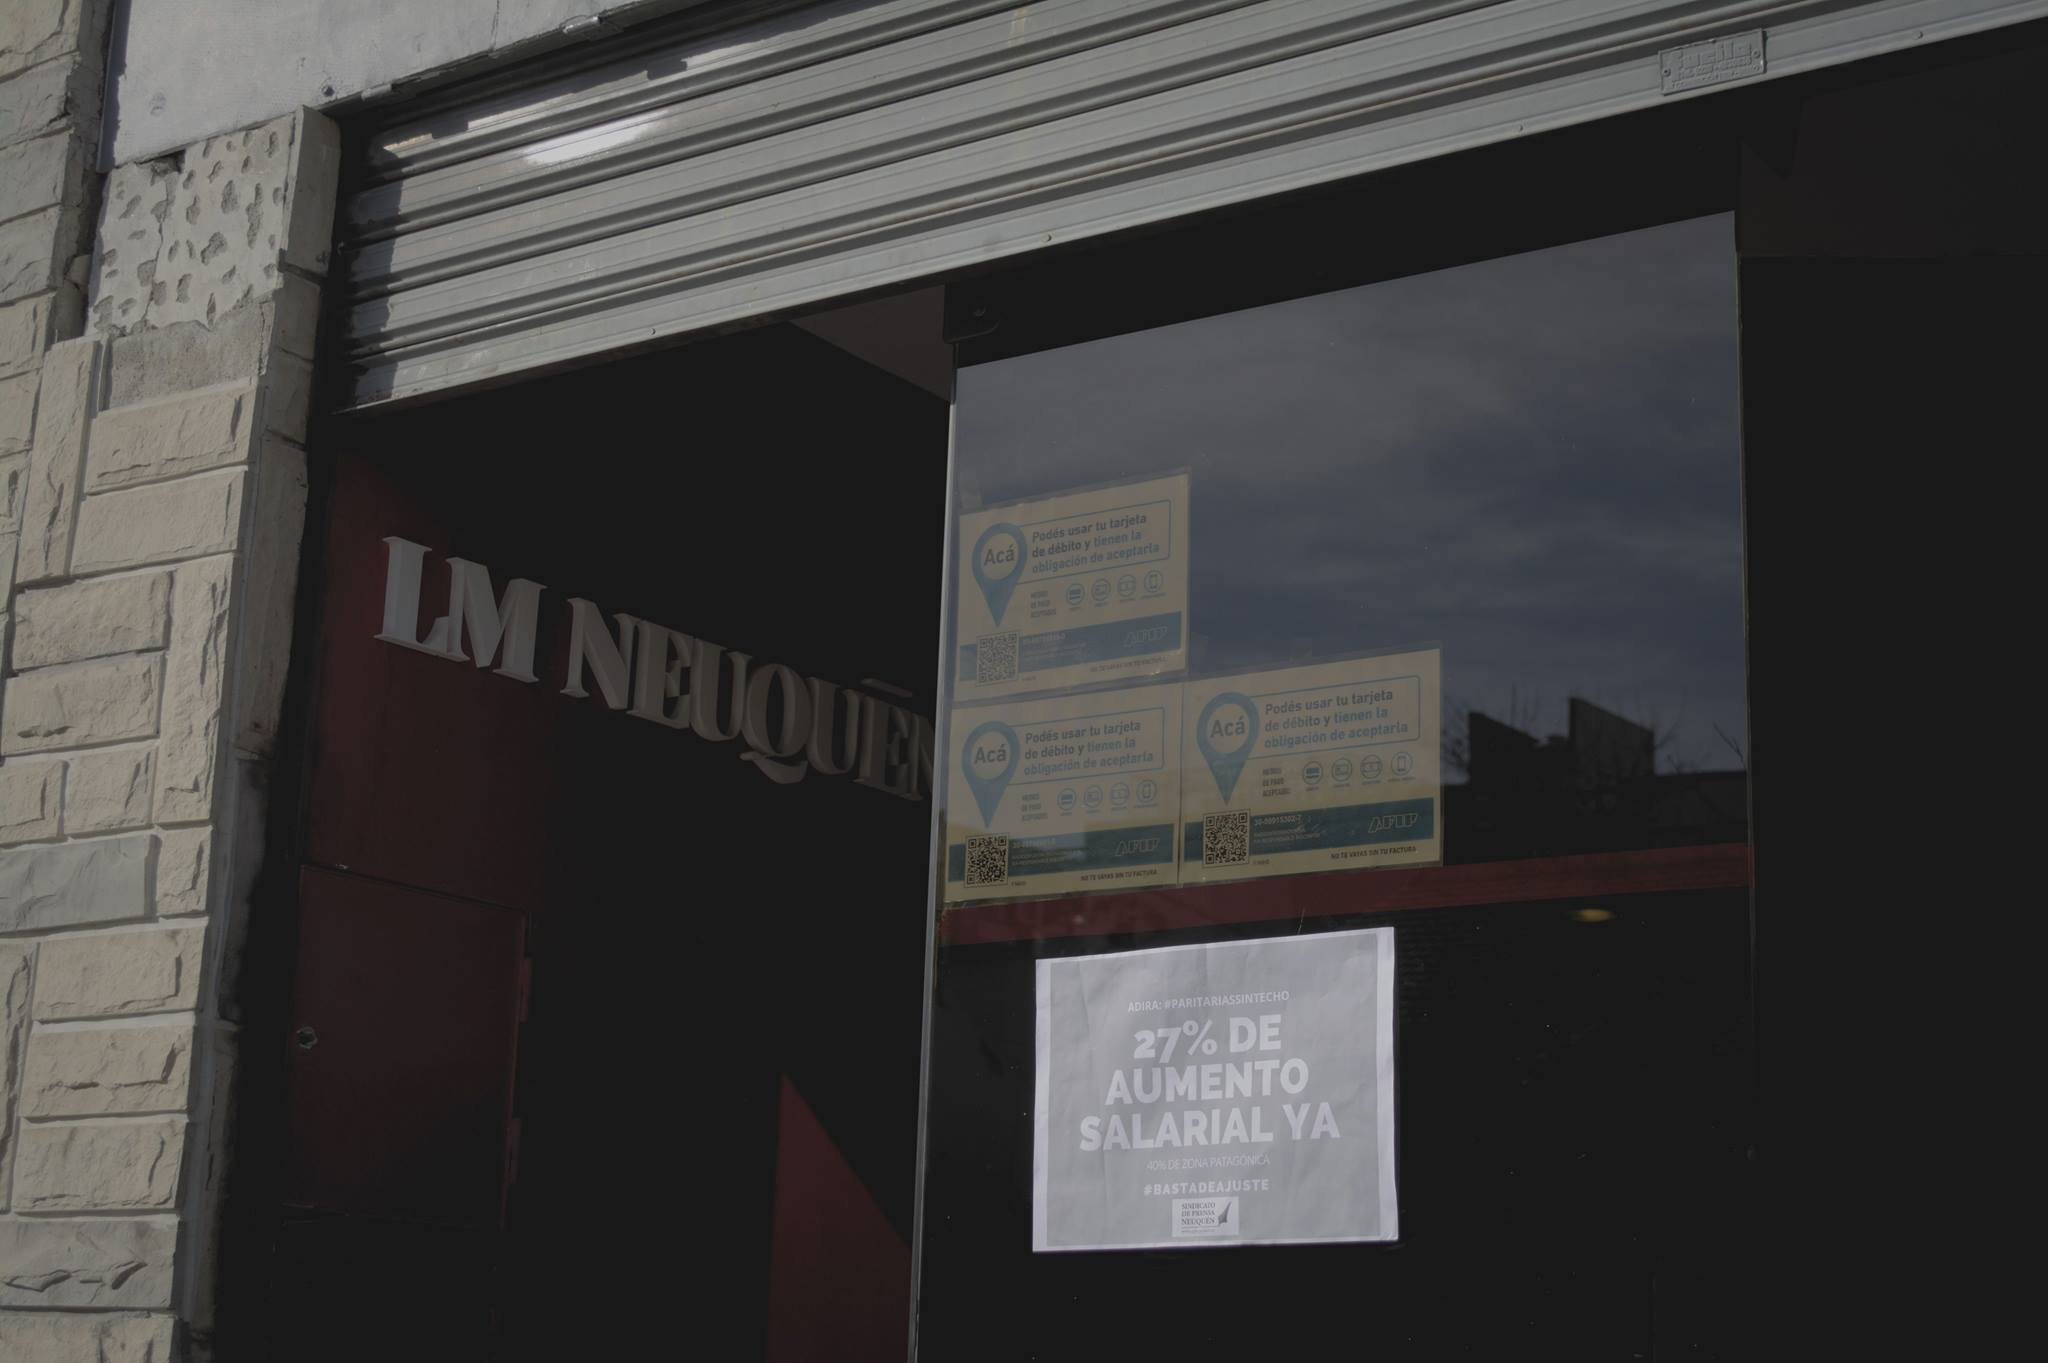 Diario LM de Neuquén